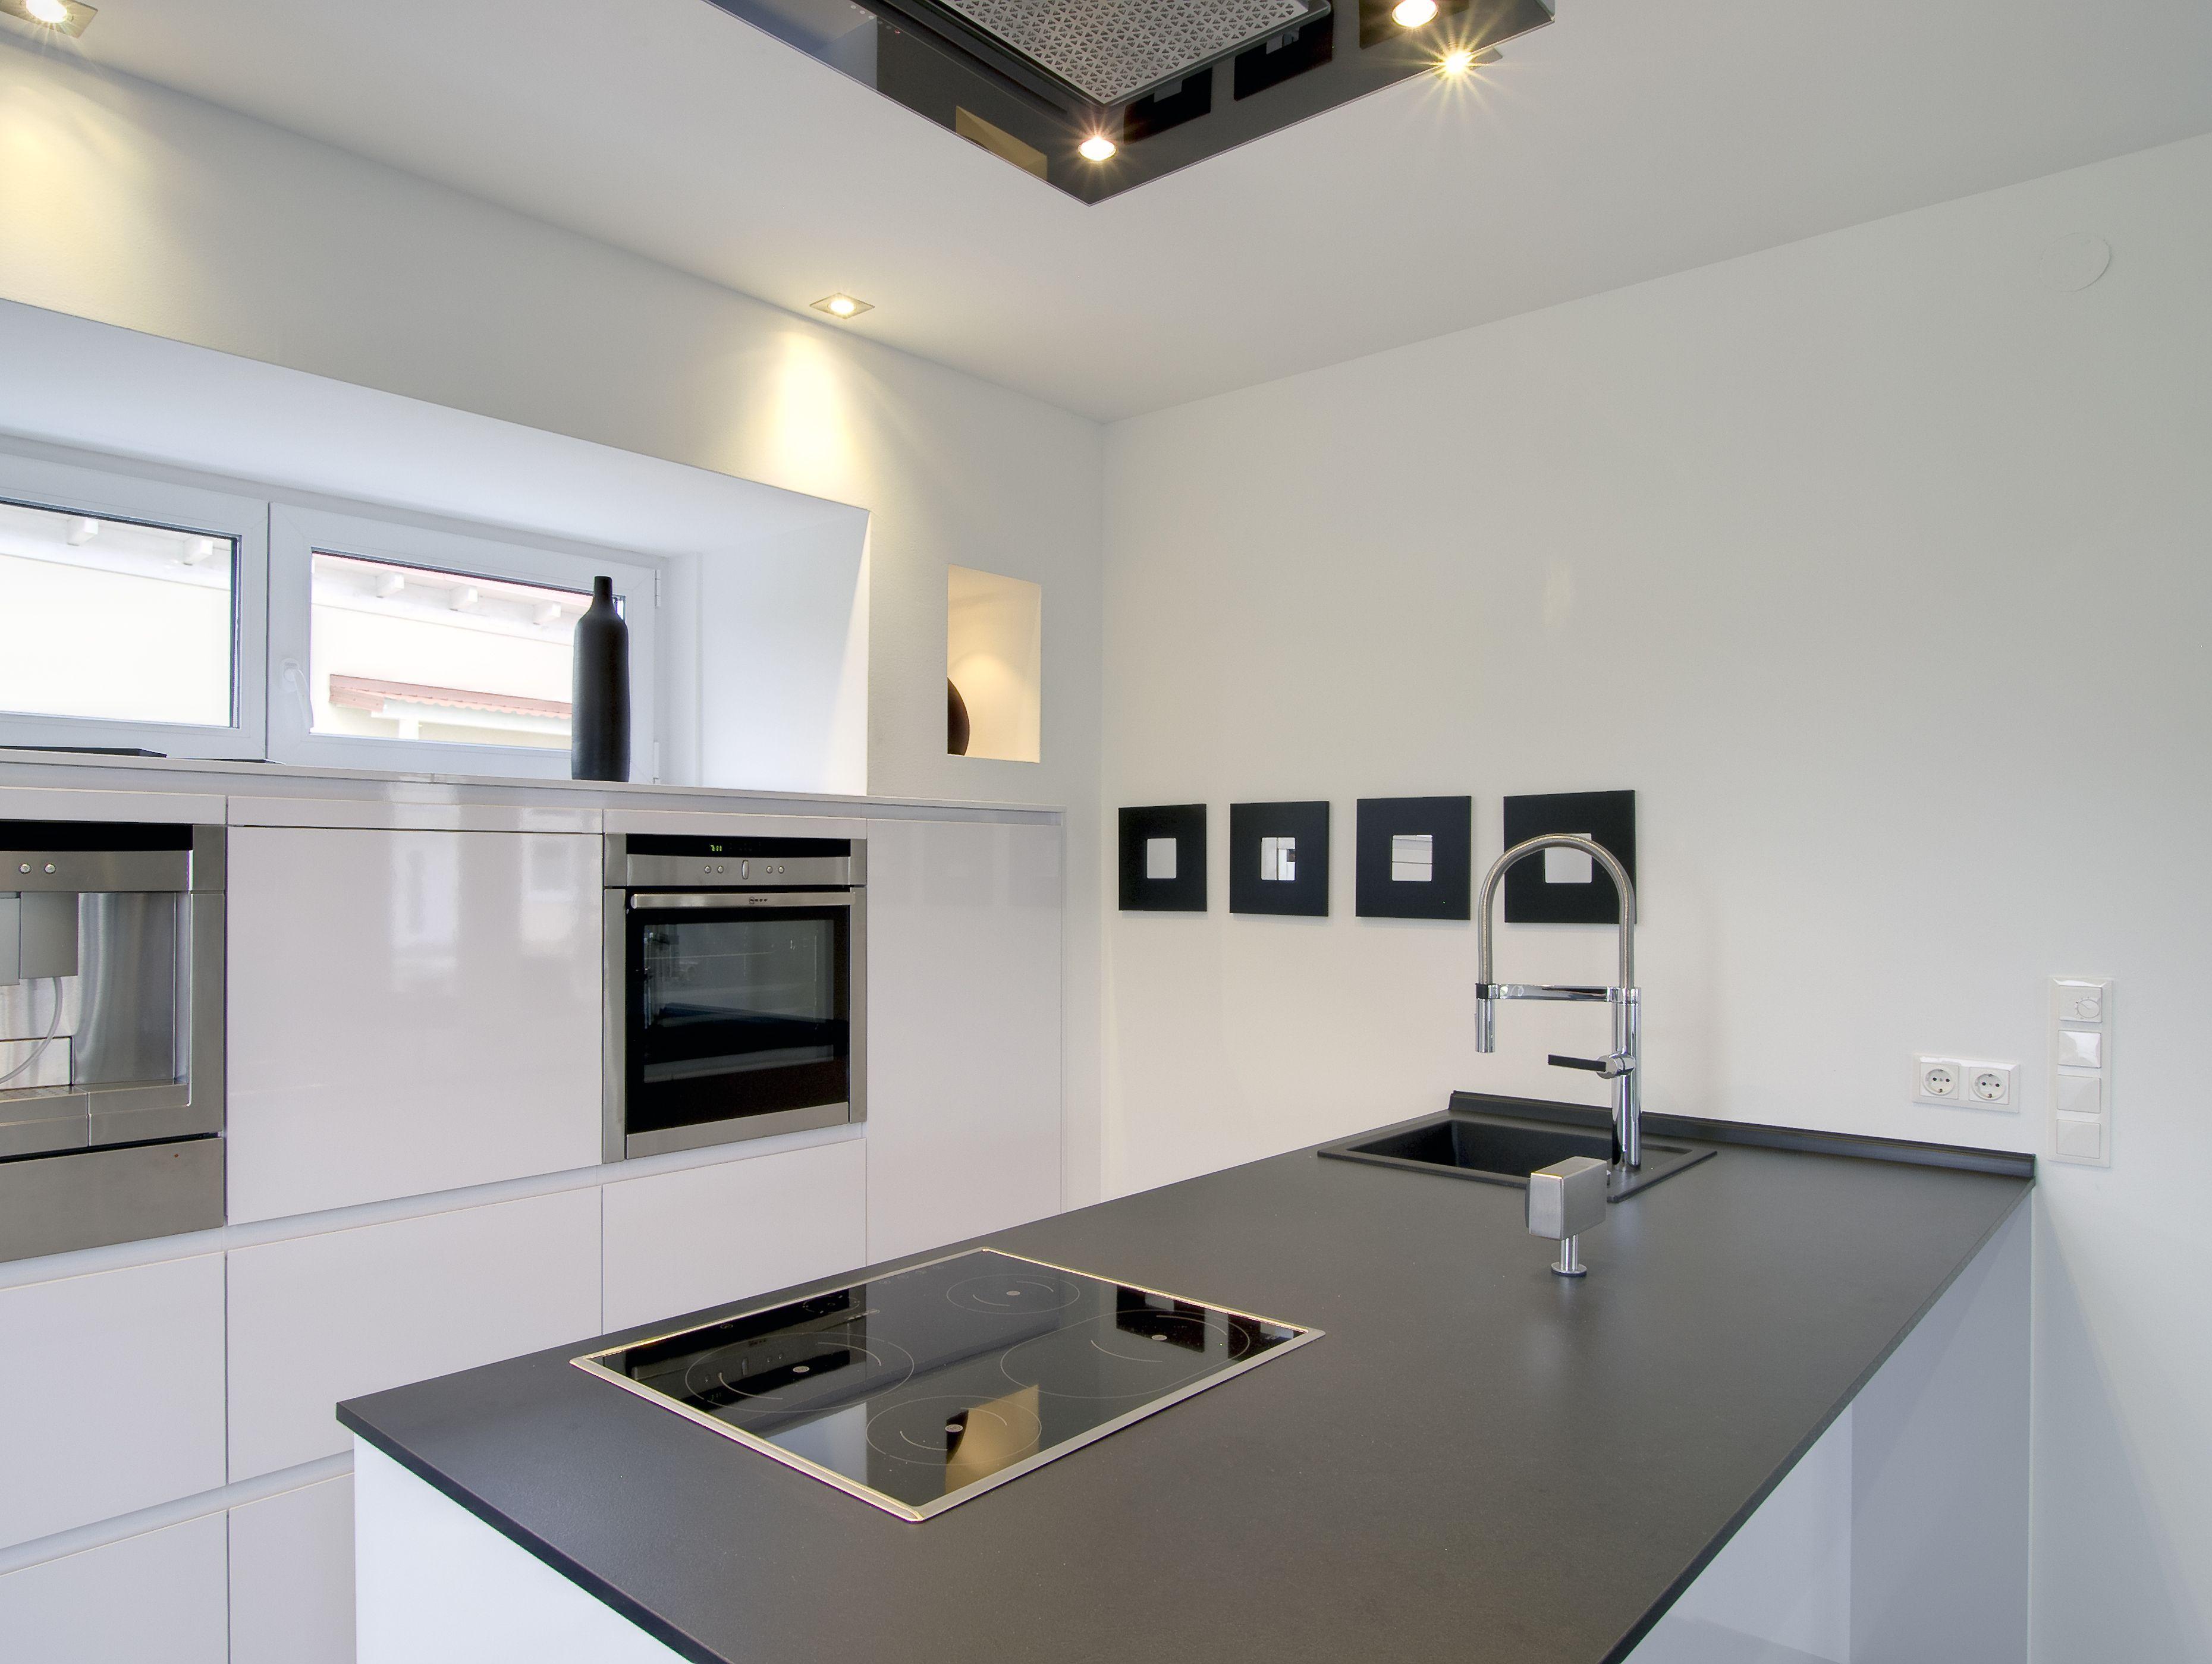 Fertighaus - Wohnidee Küche #grauweiß #kochinsel #fensterband ...